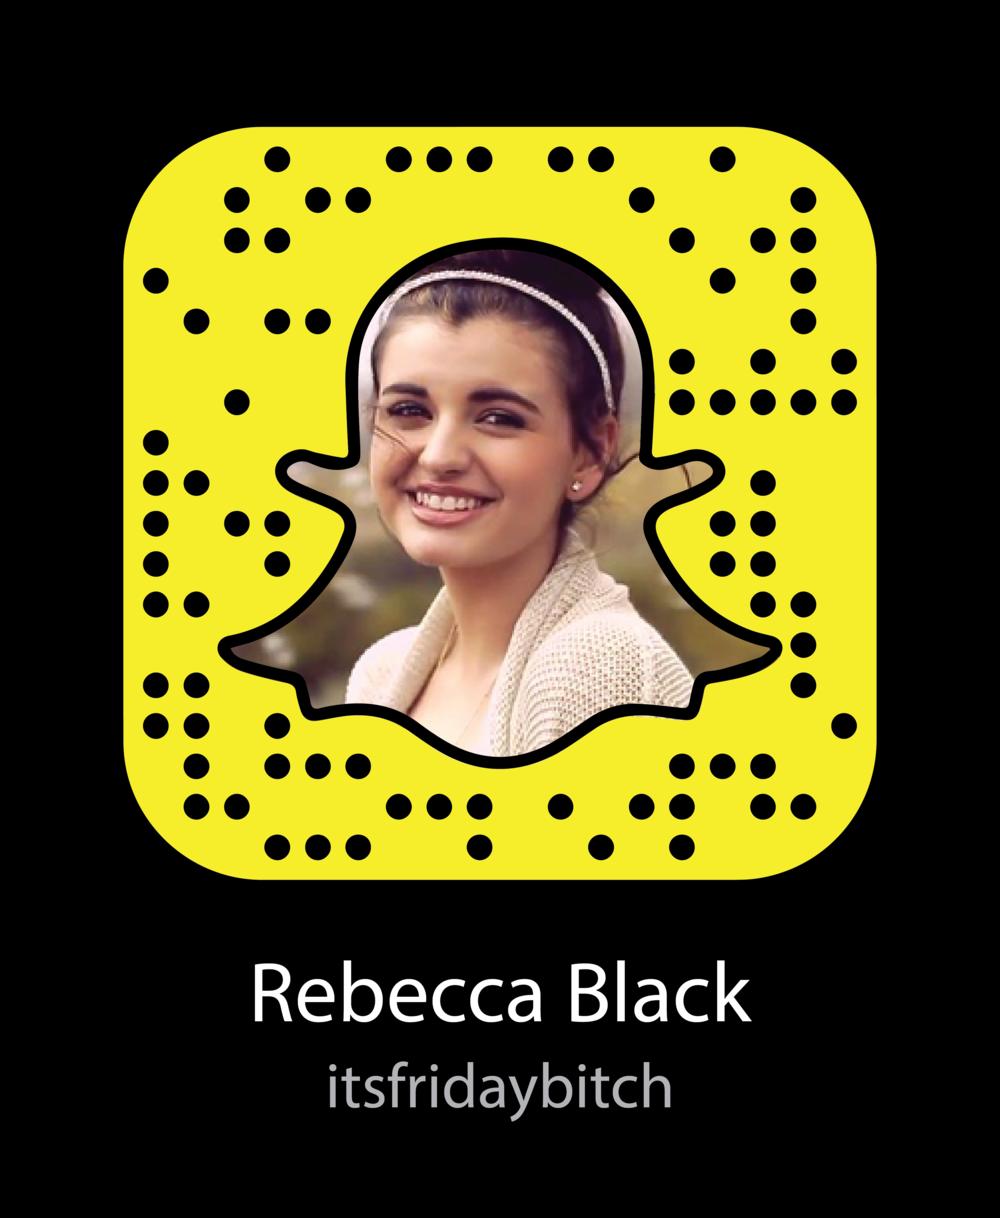 rebecca-black-youtube-celebrity-snapchat-snapcode